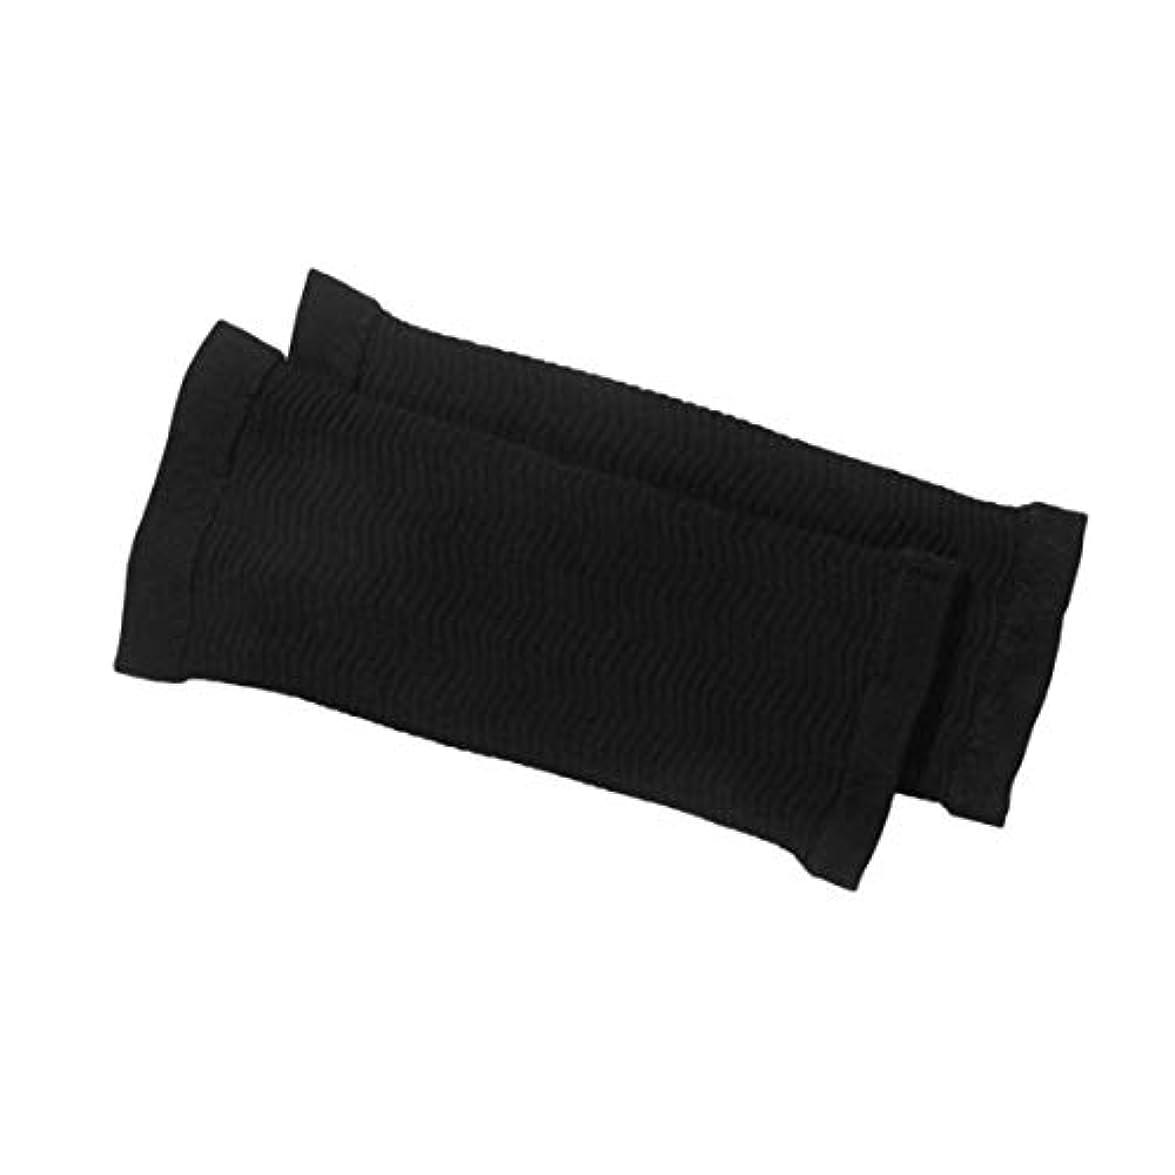 慎重に浸すいっぱい1ペア420 D圧縮痩身アームスリーブワークアウトトーニングバーンセルライトシェイパー脂肪燃焼袖用女性 - 黒